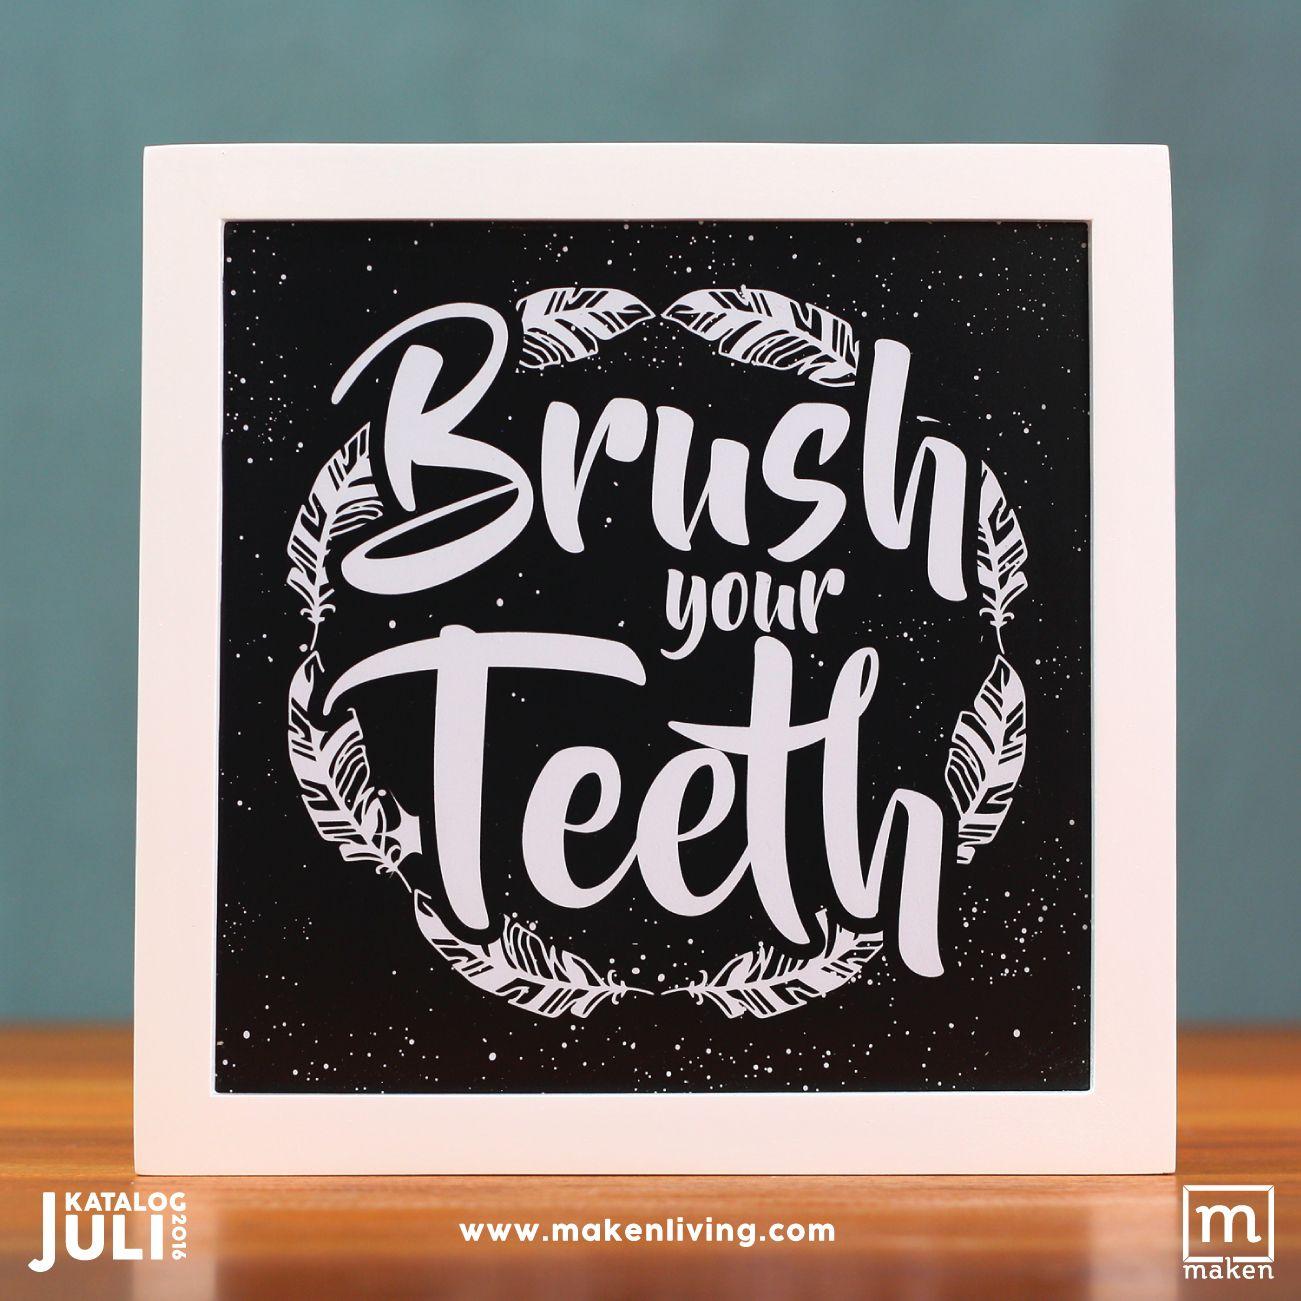 Brush Your Teeth Jul16 05 Jangan Lupa Menggosok Gigi Karena Gigi Merupakan Salah Satu Bagian Tubuh Kita Ya Calligraphy Signs Chalkboard Quote Art Art Quotes